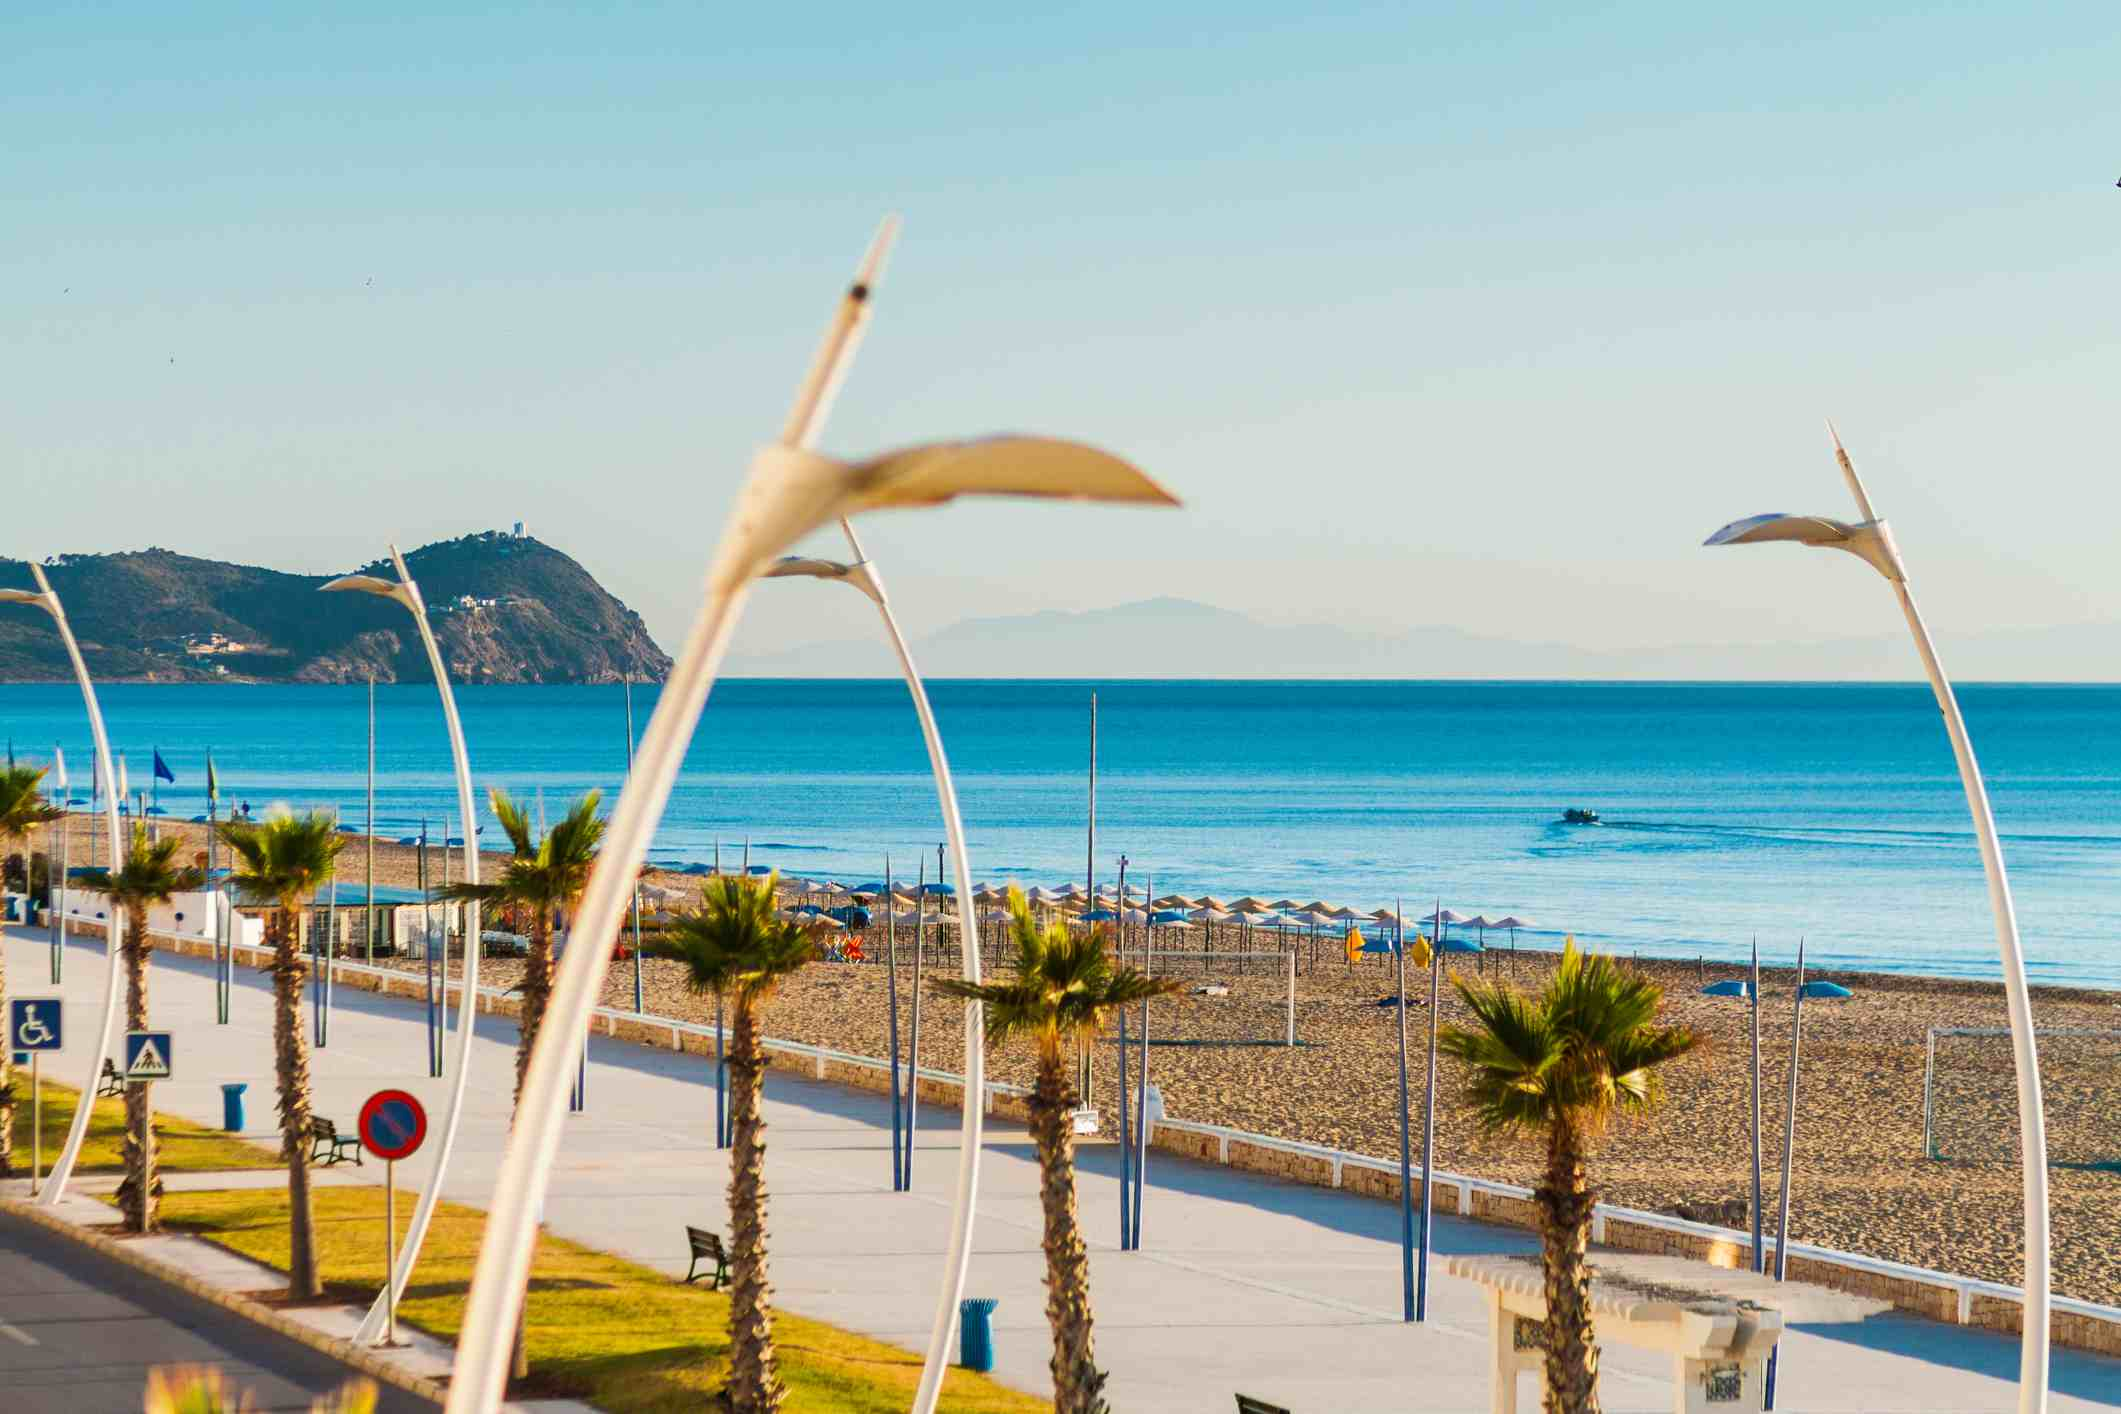 Martil beach and promenade, Morocco